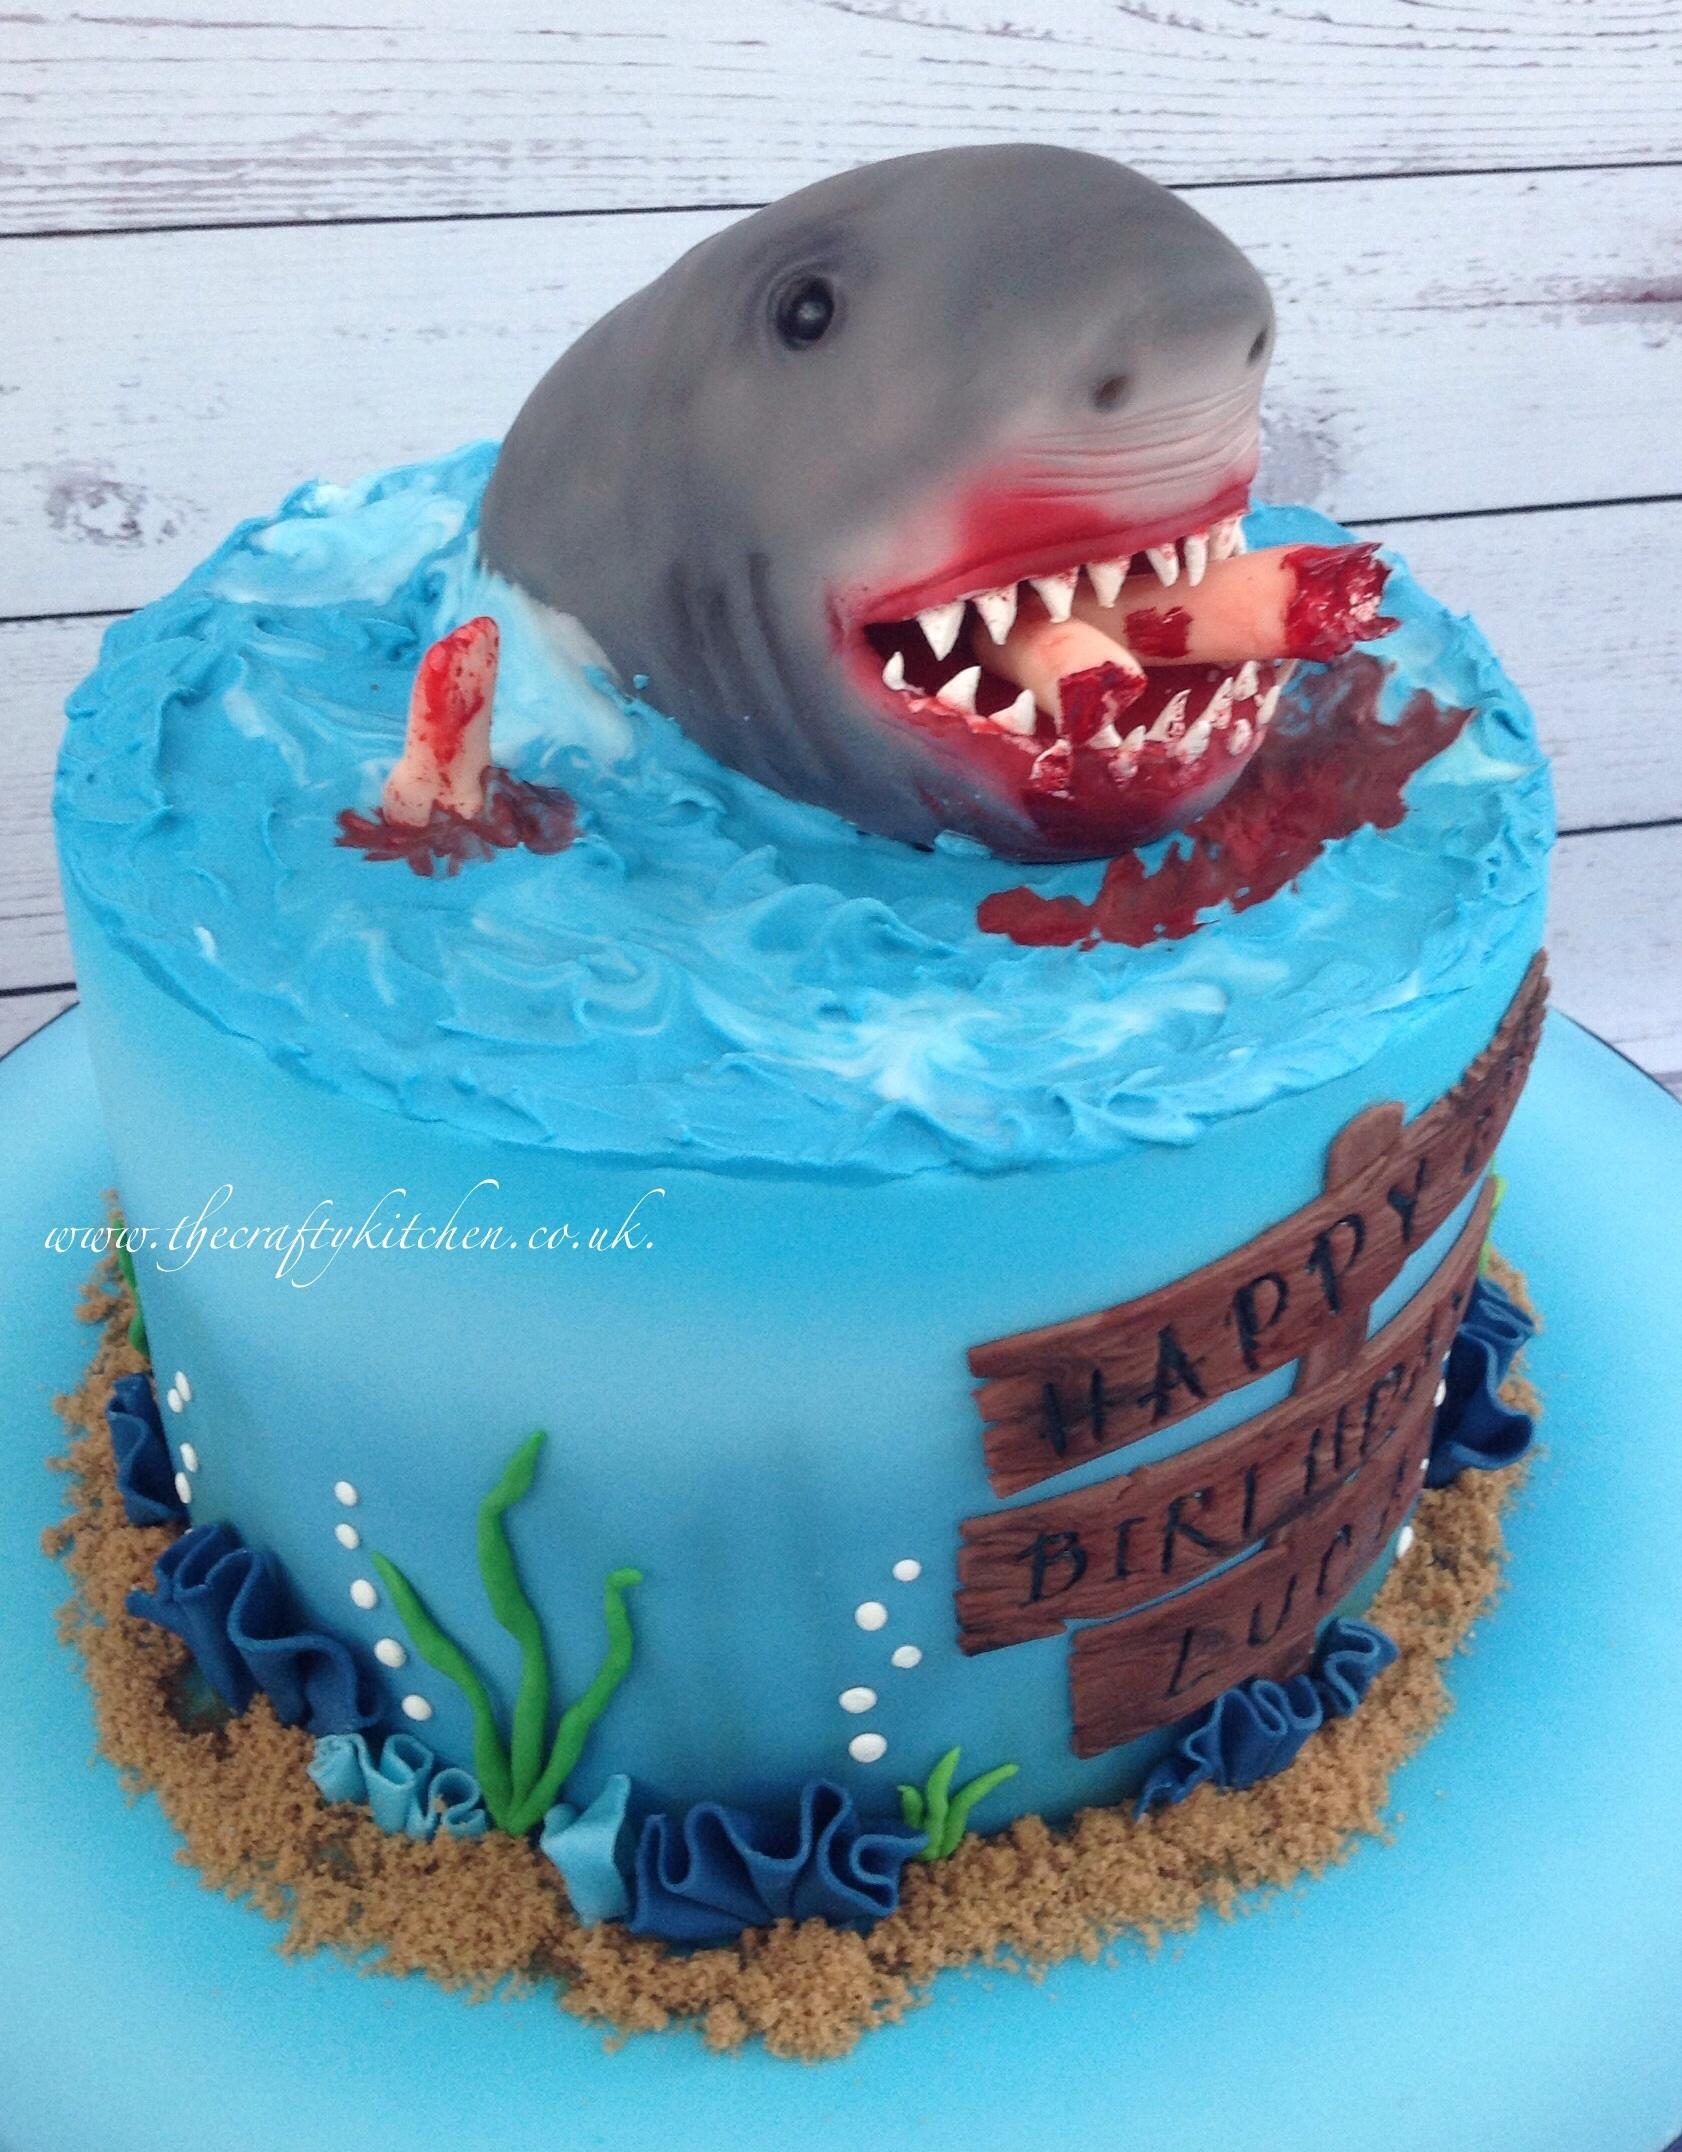 этот момент торт с крокодилами фото и акулами храма